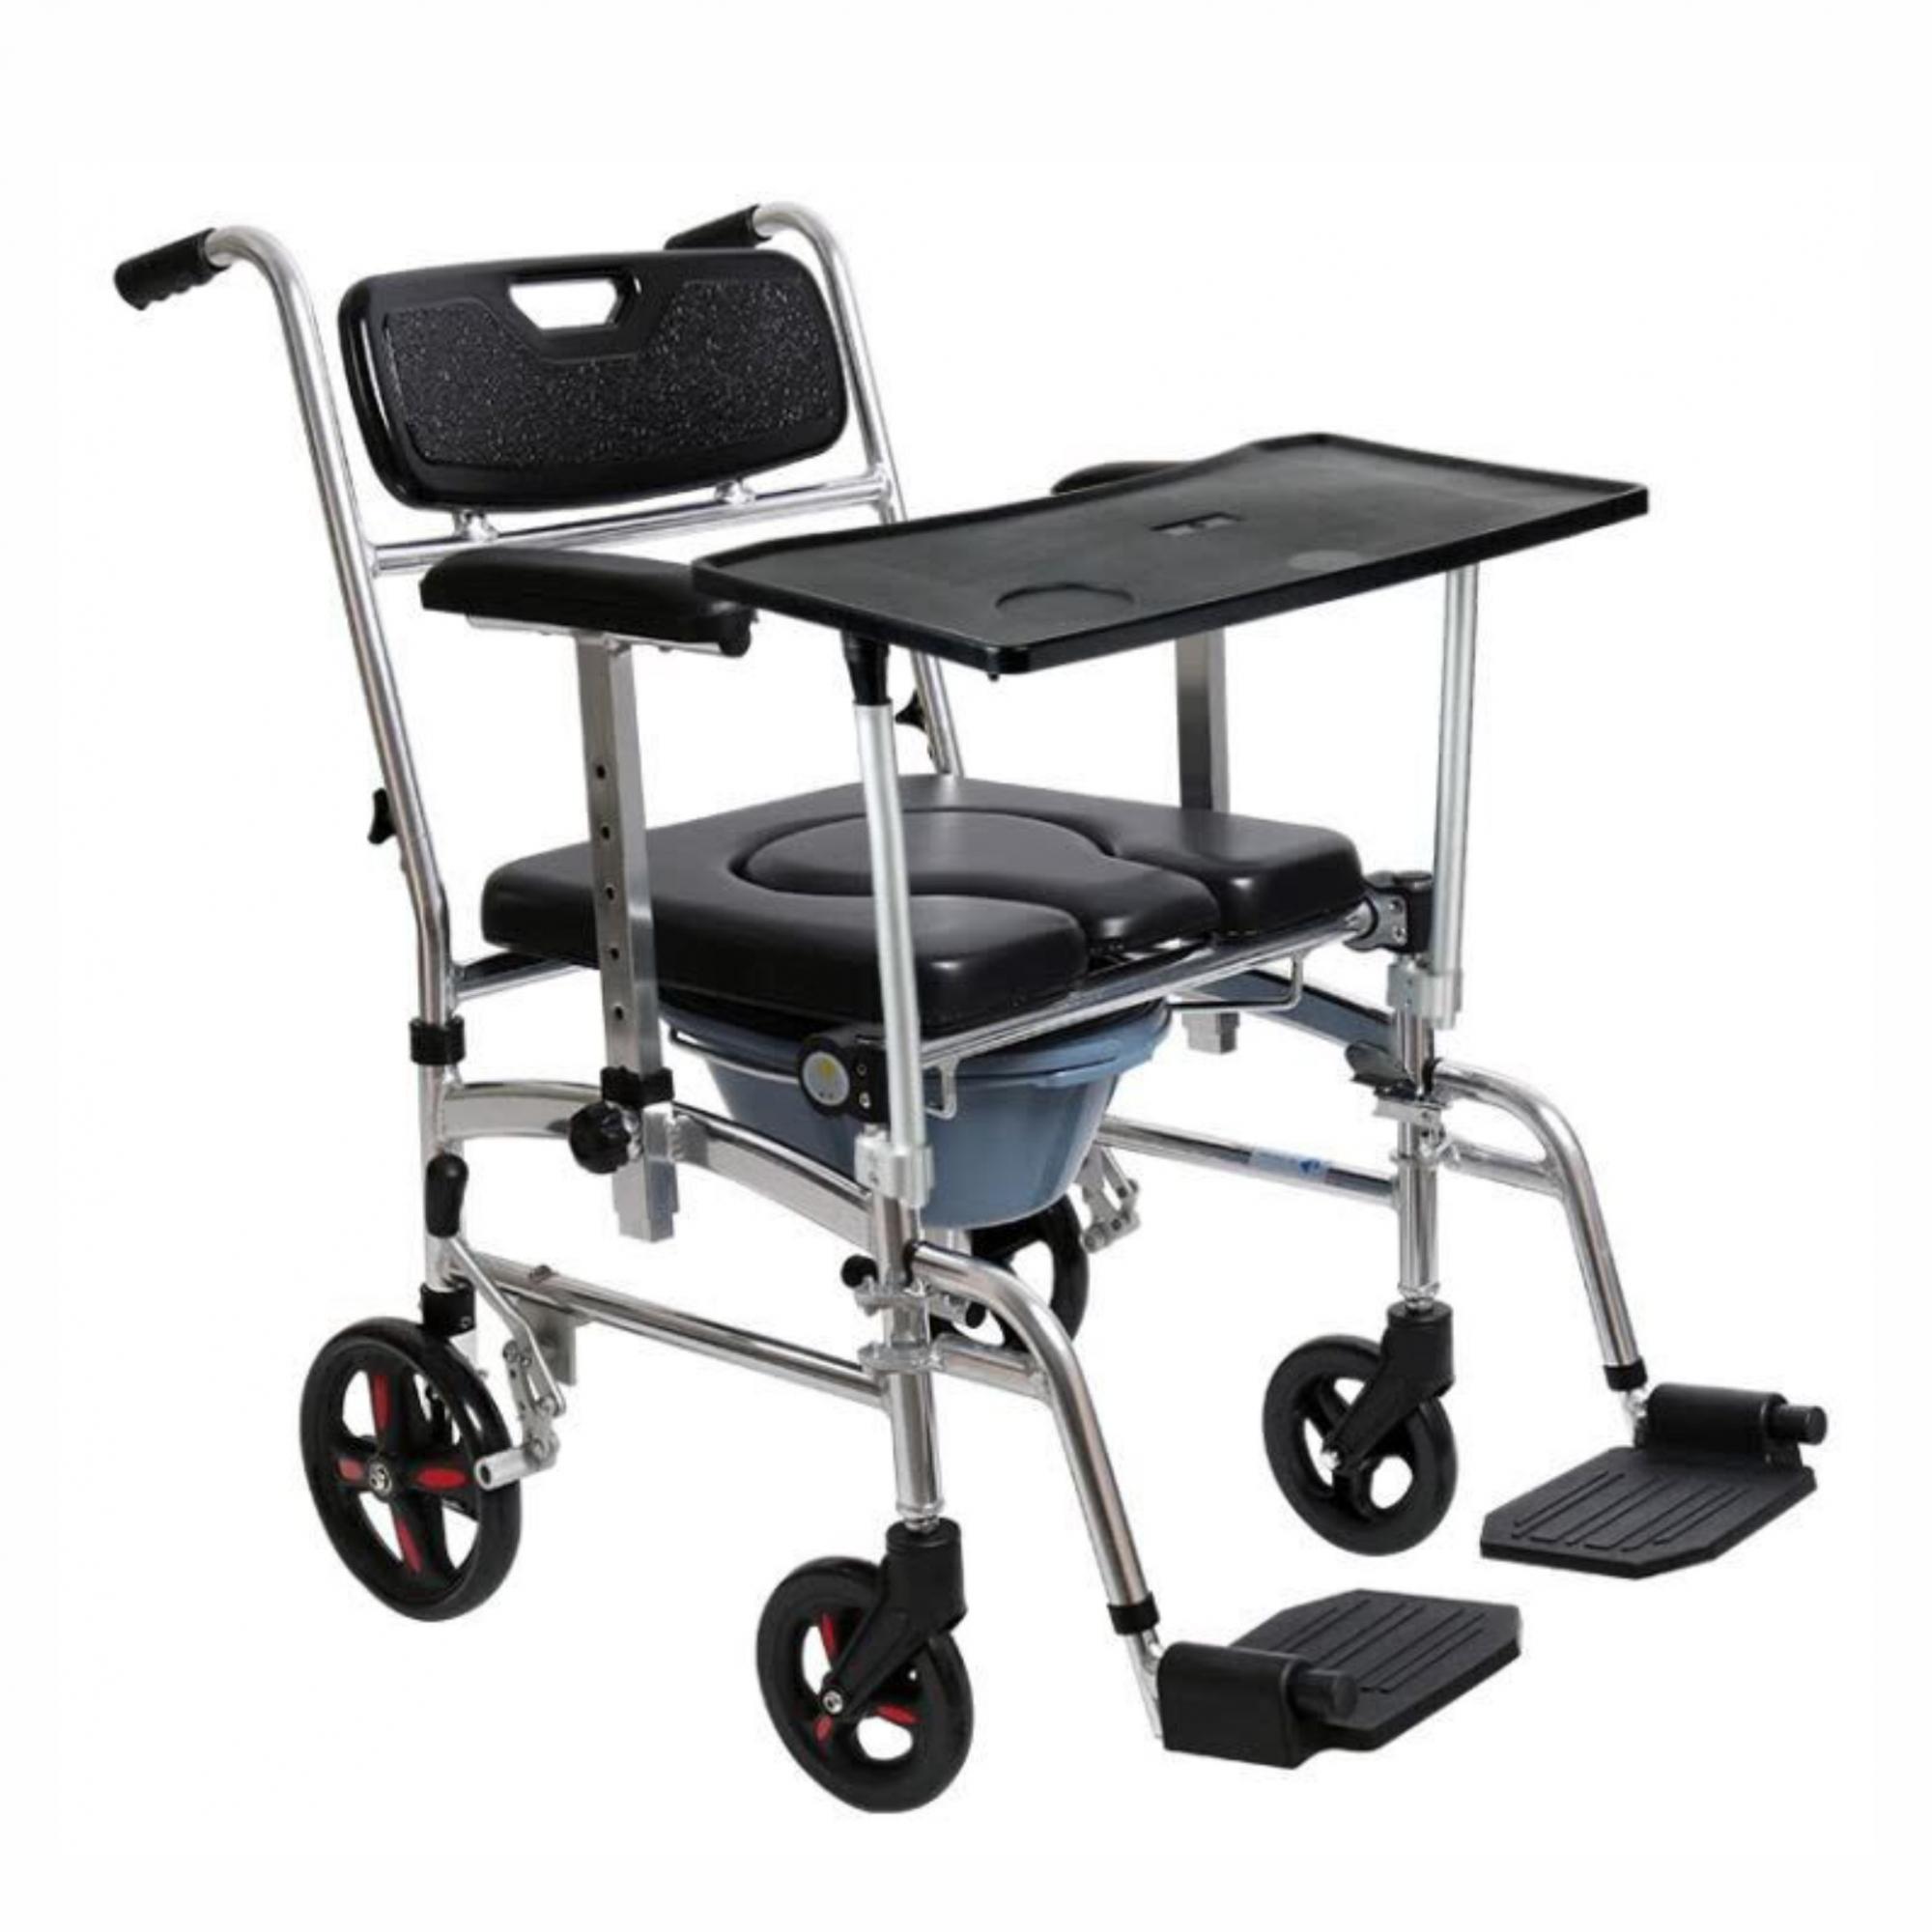 Cadeira de banho em alumínio dobrável ZIMEDICAL FST7808E